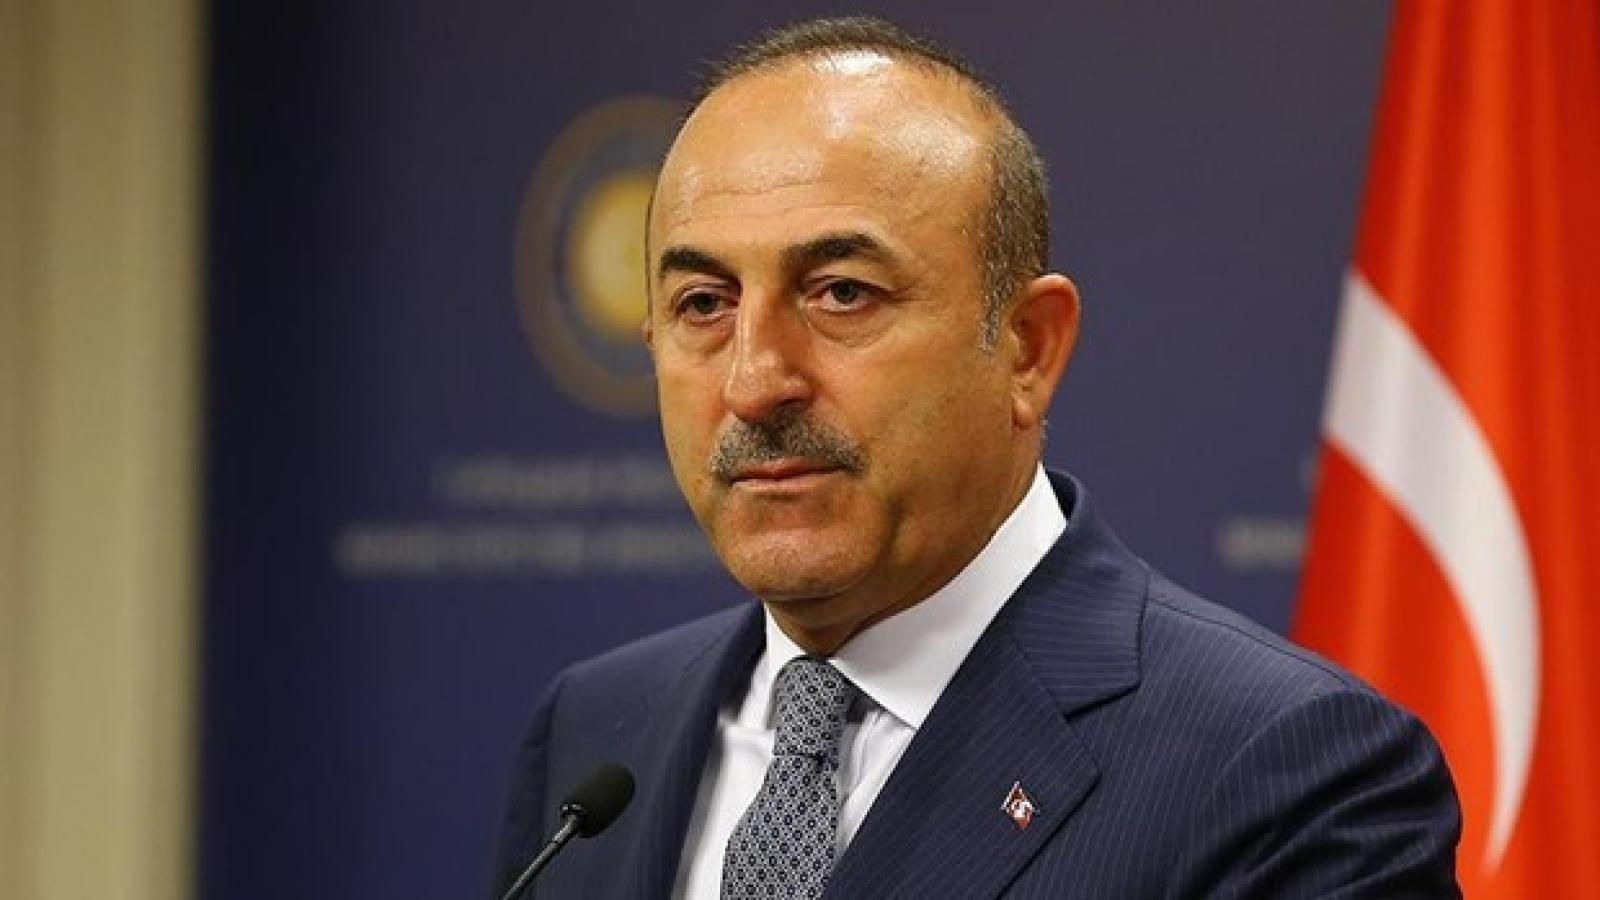 Thổ Nhĩ Kỳ và Ai Cập có thể ký thỏa thuận phân định biên giới trên biển